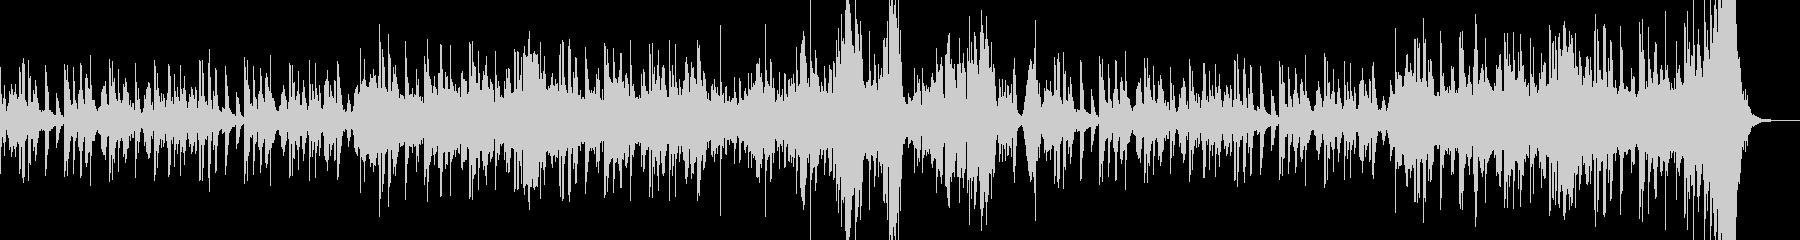 低音ストリングスによる闘いのメロディーの未再生の波形